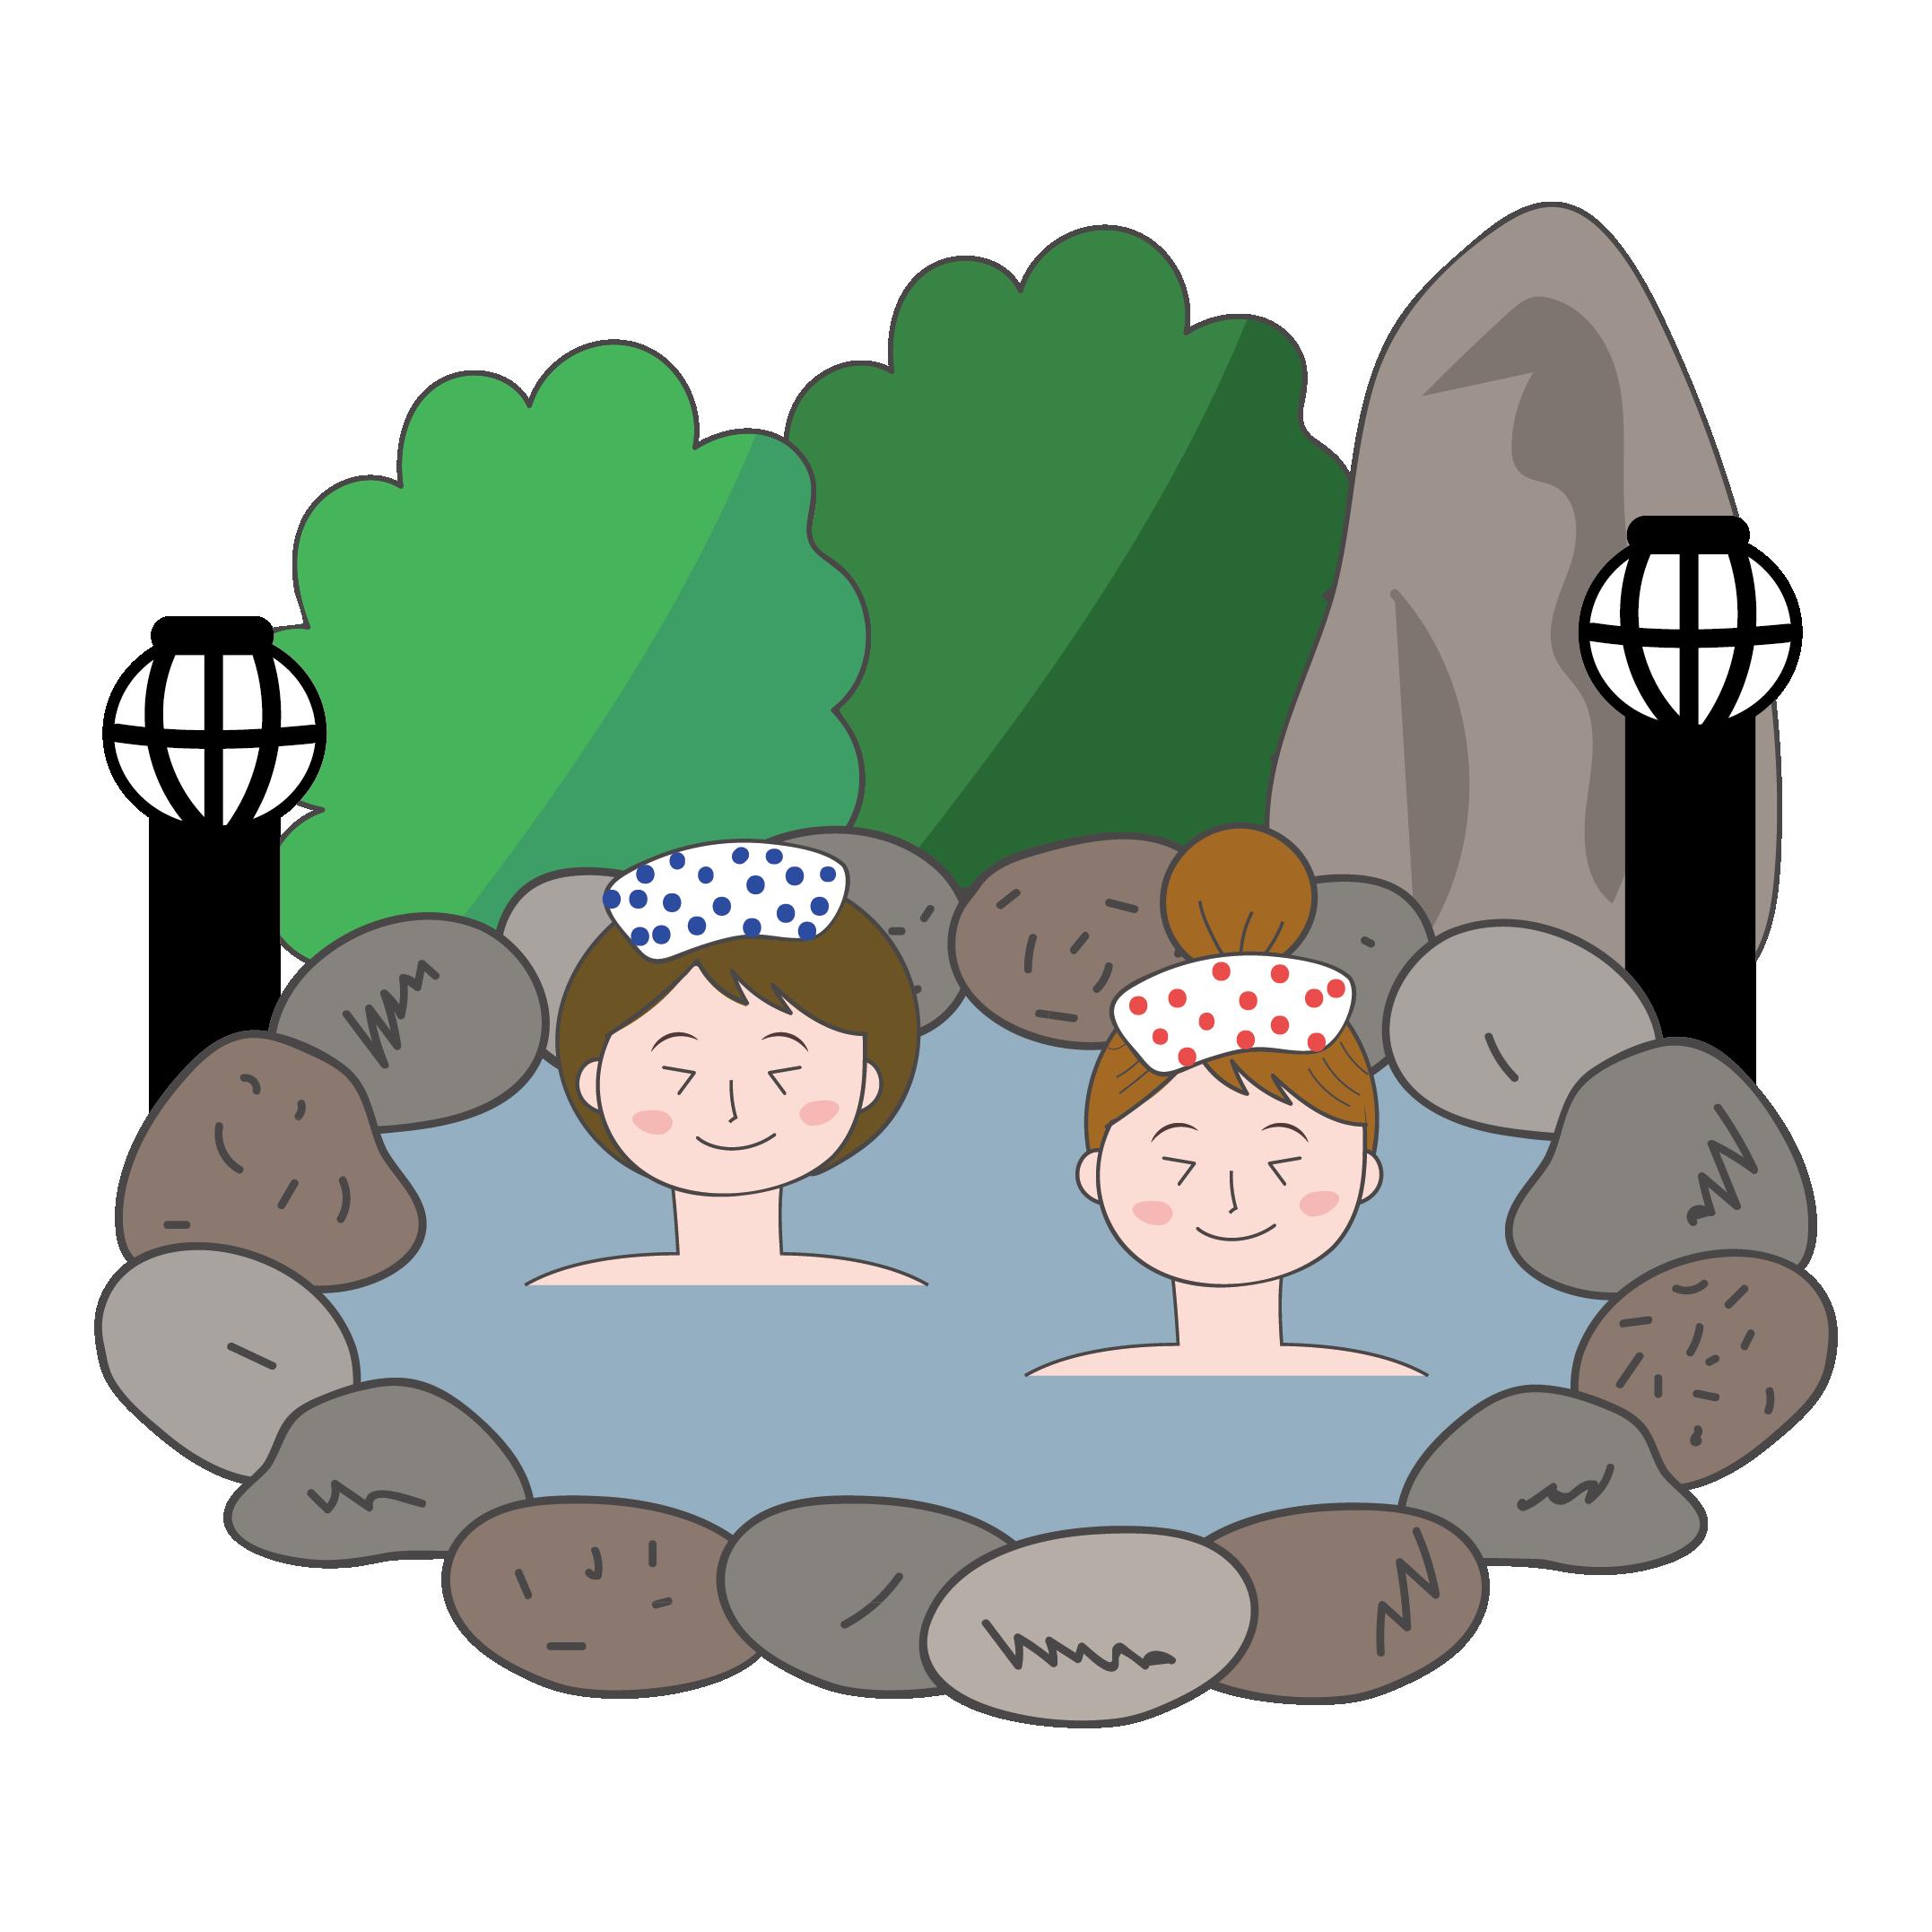 温泉(温泉旅行) イラスト【女性が温泉でのんびり♪】 | 商用フリー